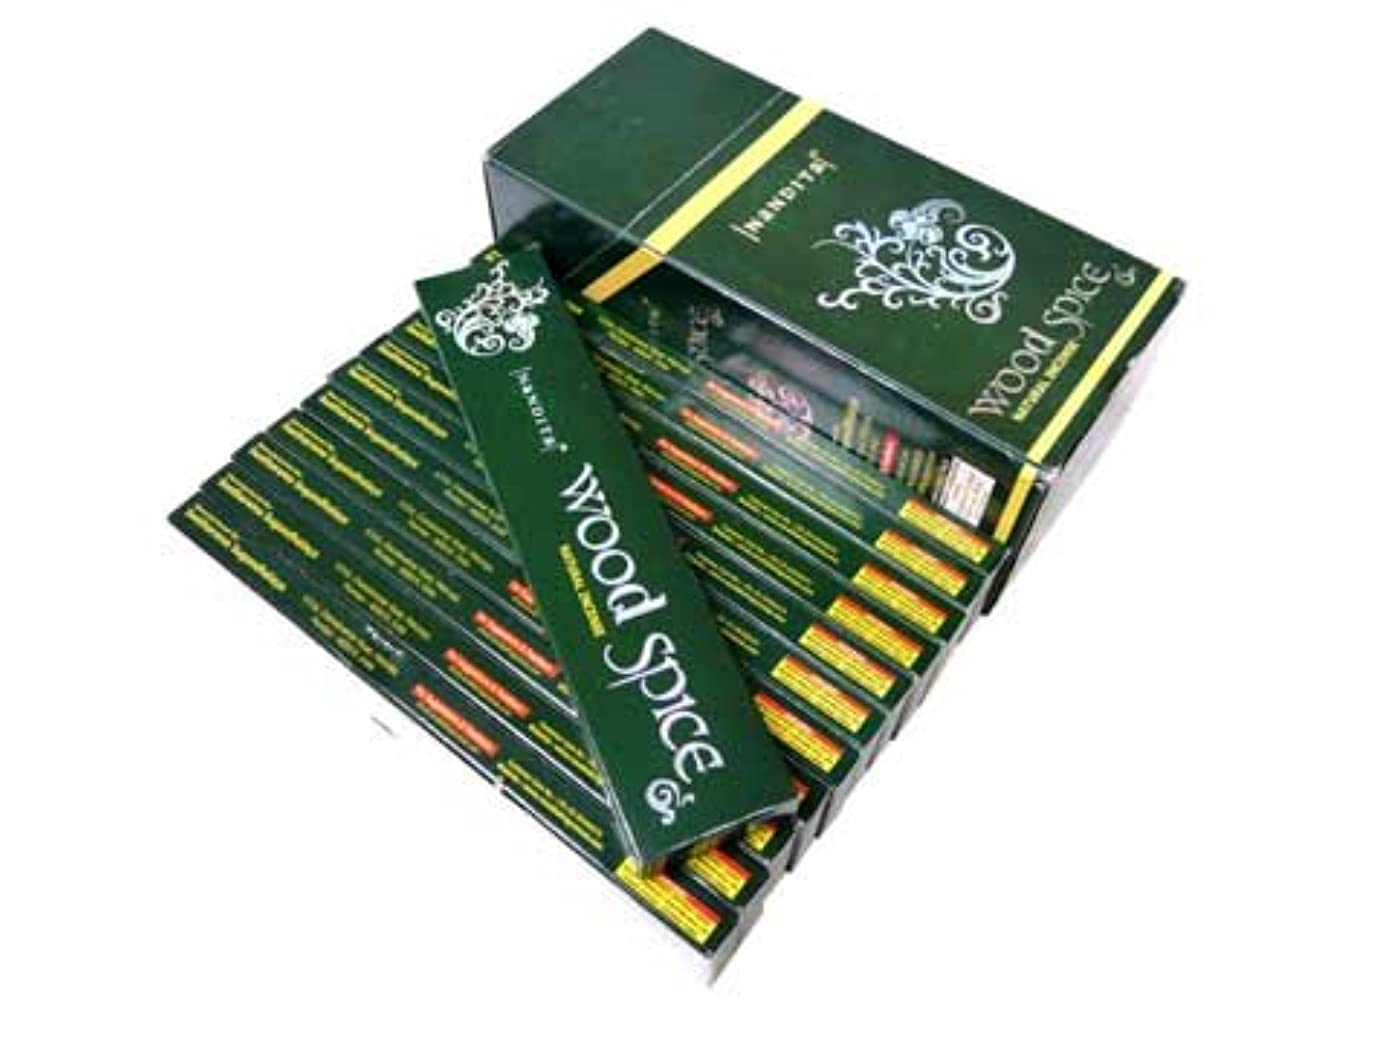 困難台風スタウトNANDITA(ナンディータ) ウッドスパイス香 スティック WOOD SPICE 12箱セット